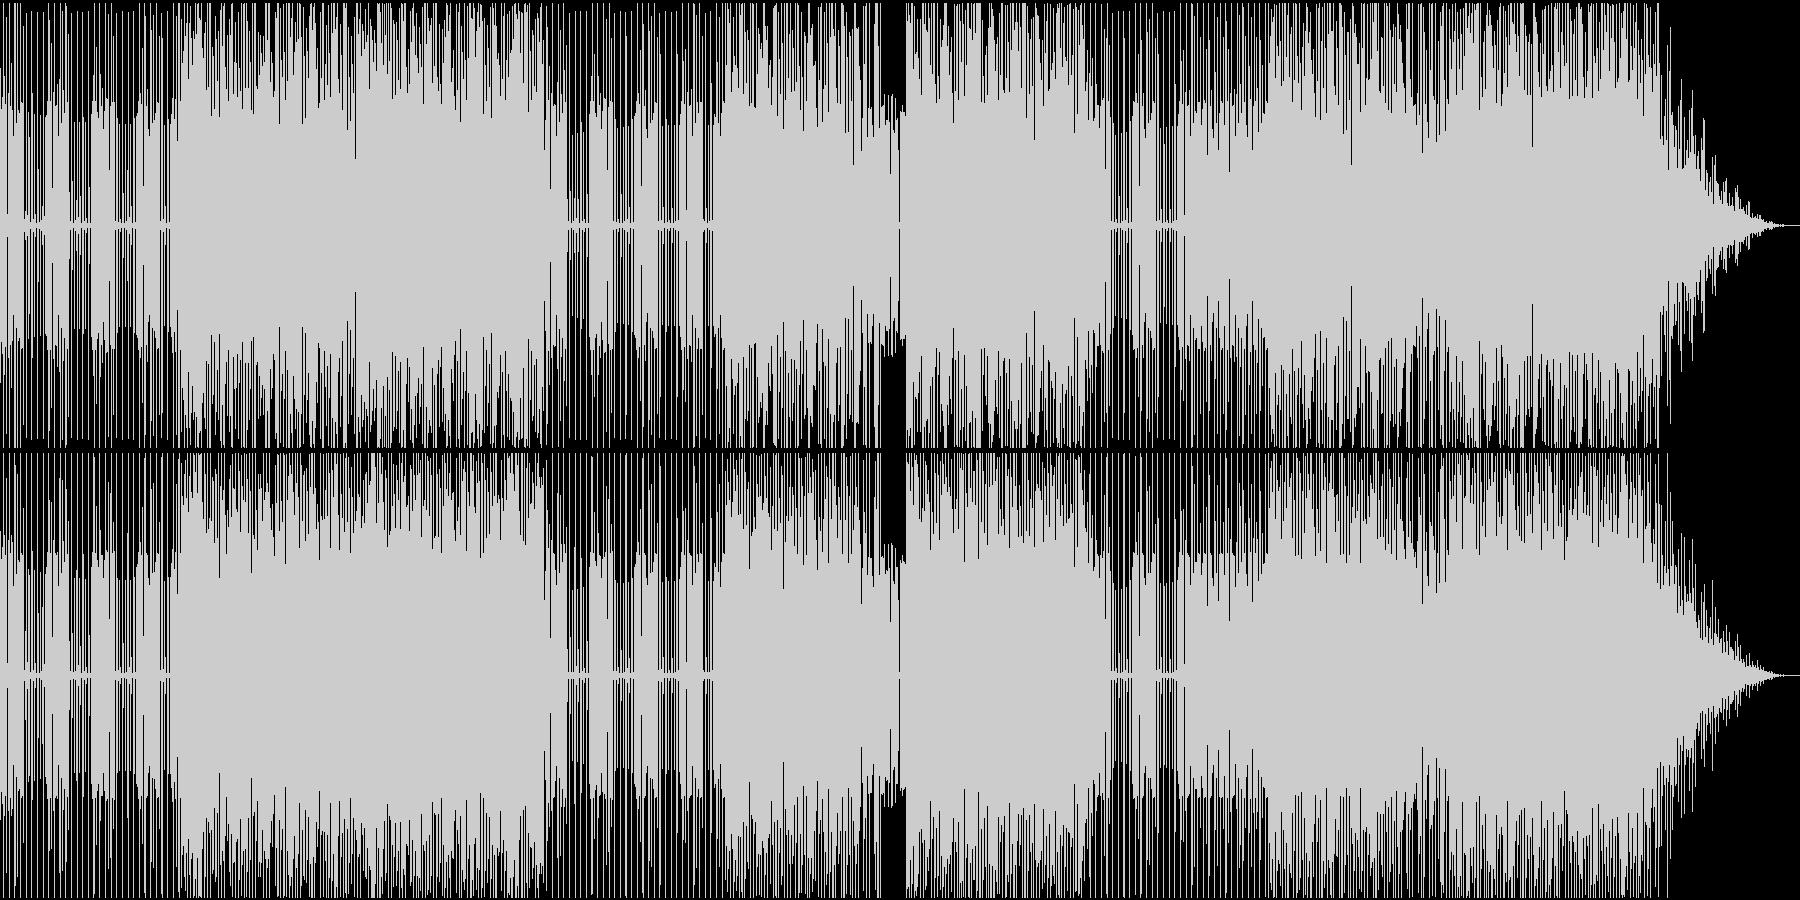 太いエレキベースが特徴のファンクハウスの未再生の波形